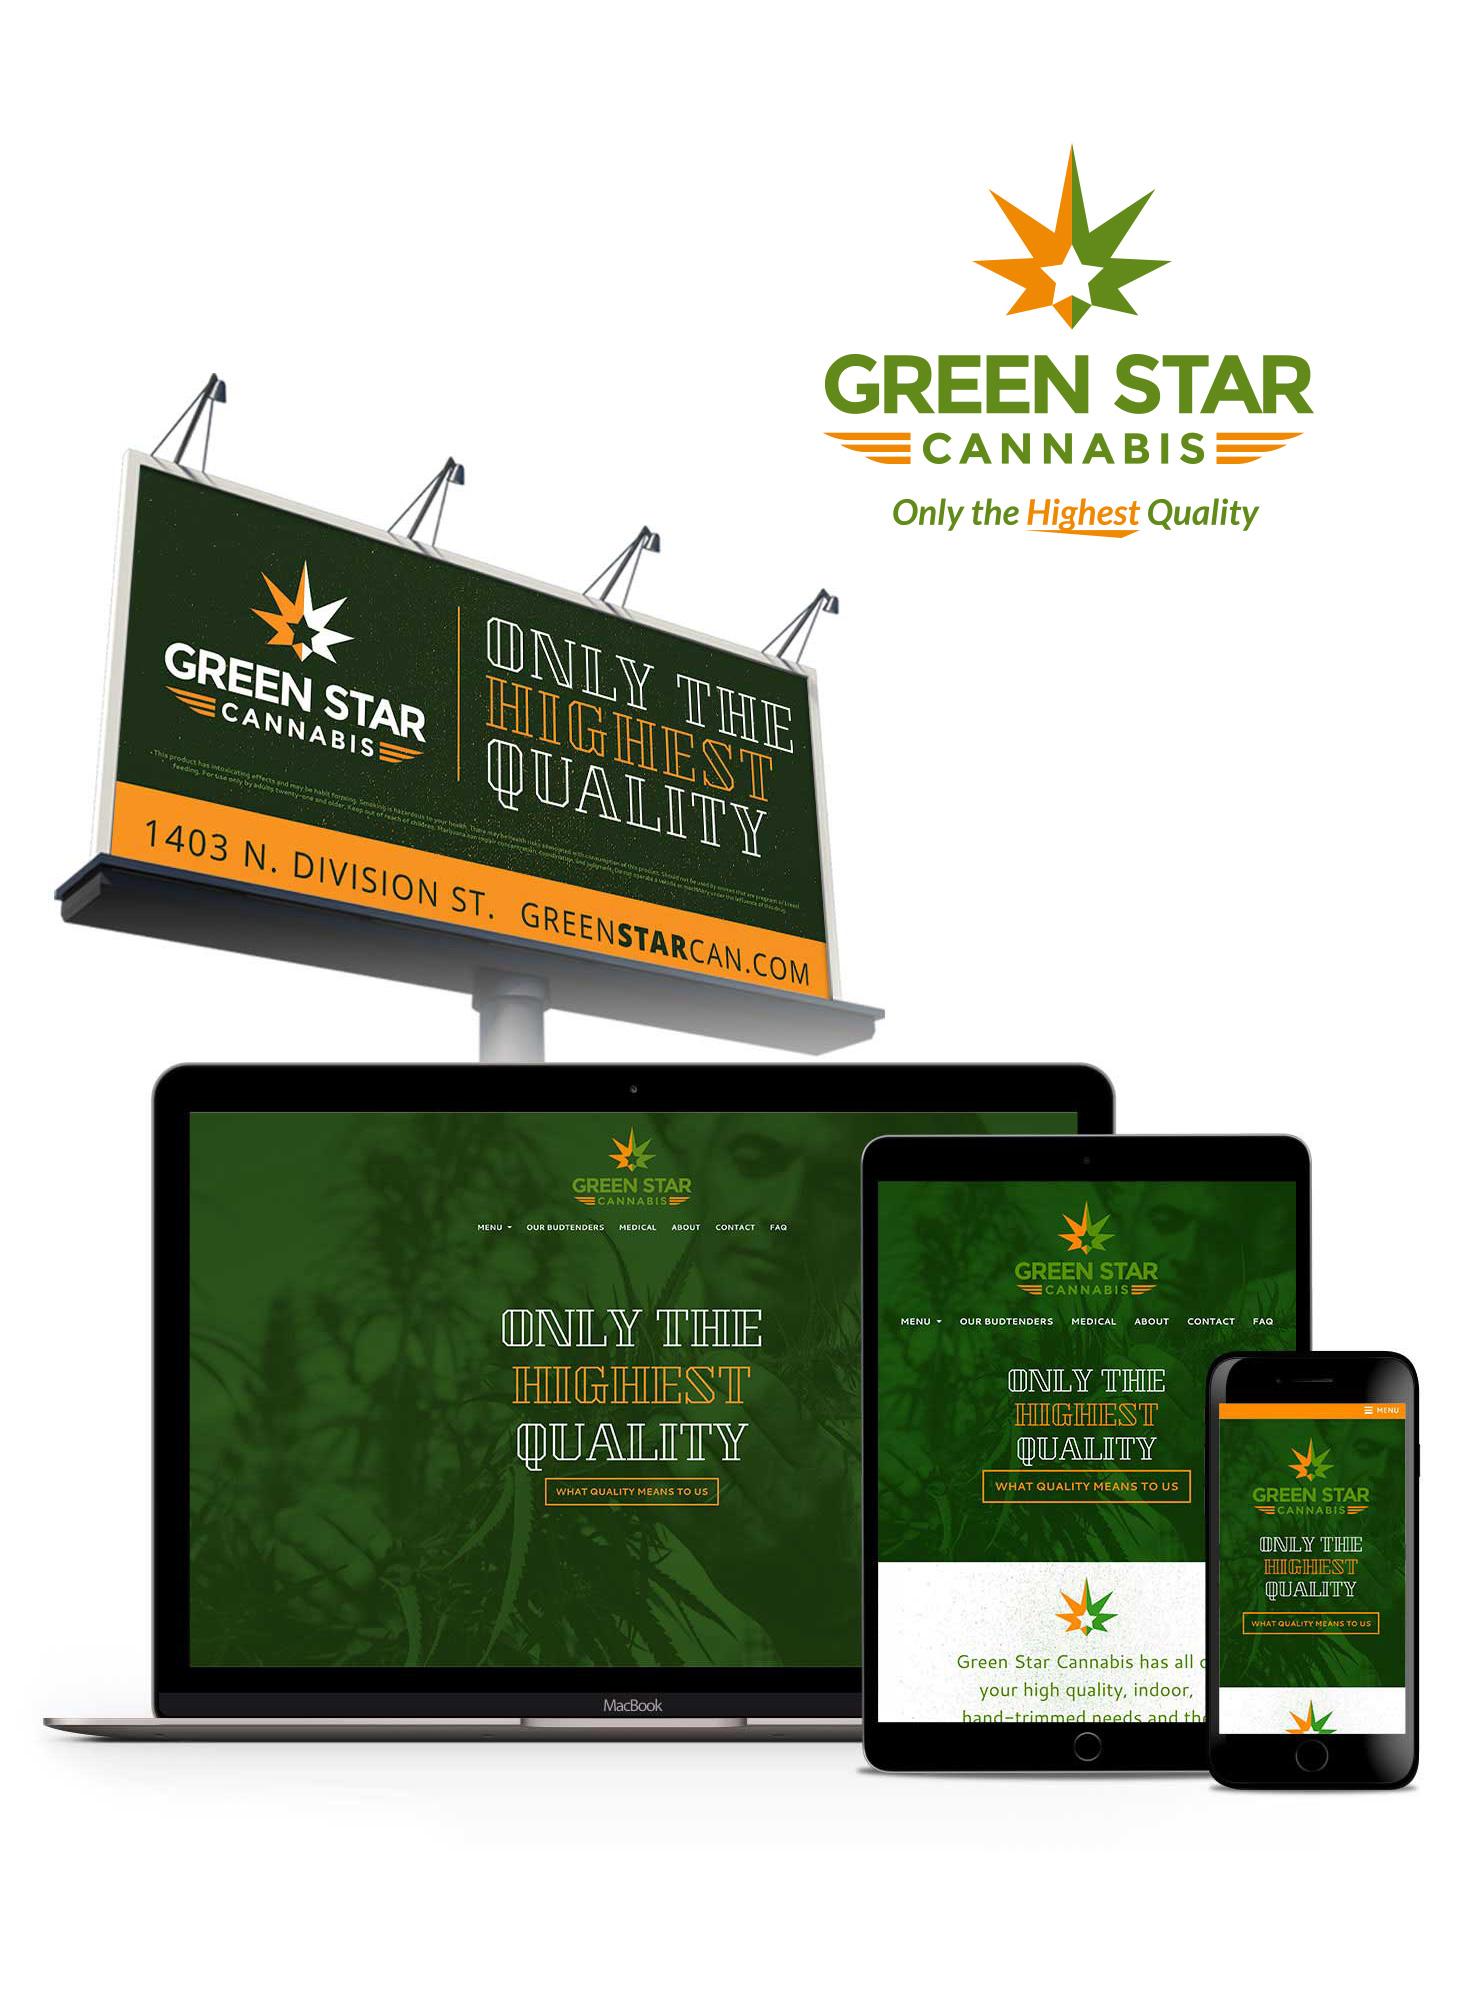 Green Star Cannabis